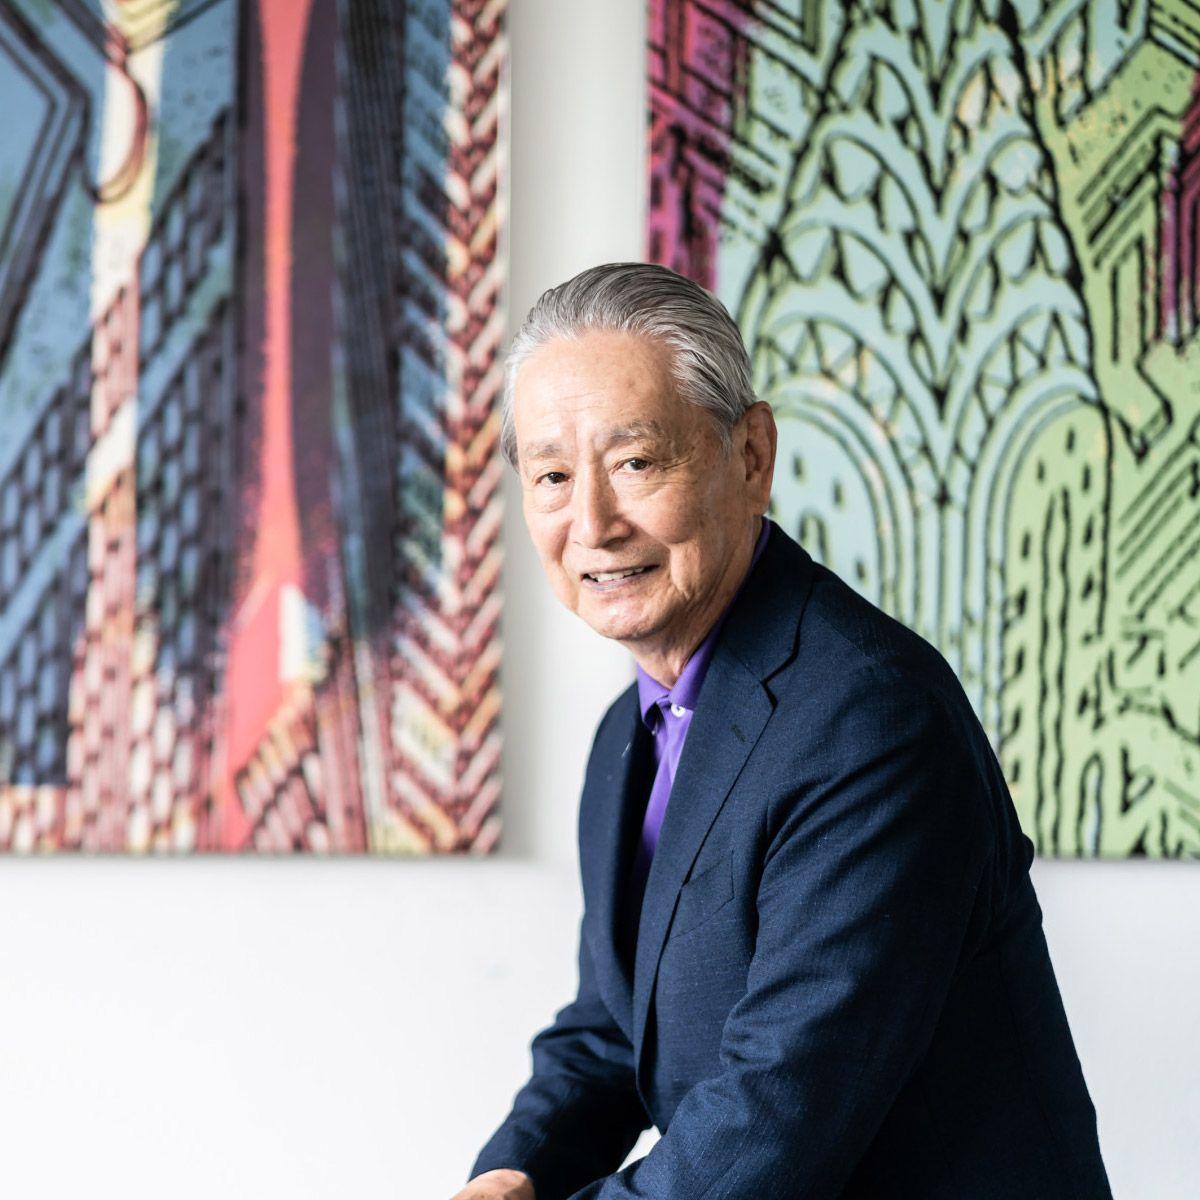 クオンタムリープ株式会社 代表取締役 ファウンダー&CEO 出井伸之氏